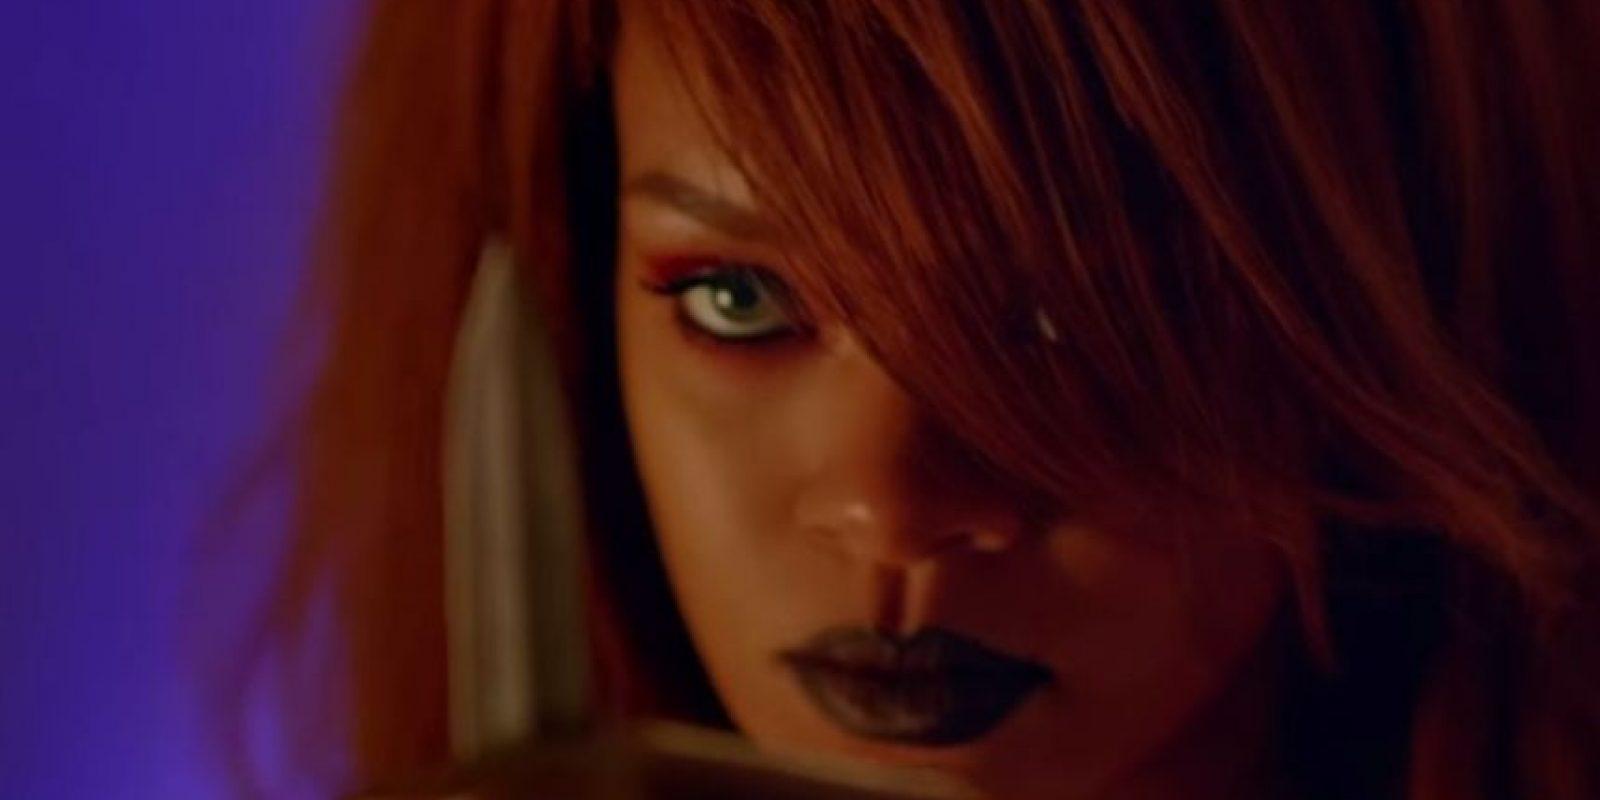 Foto:Vía RihannaVEVO